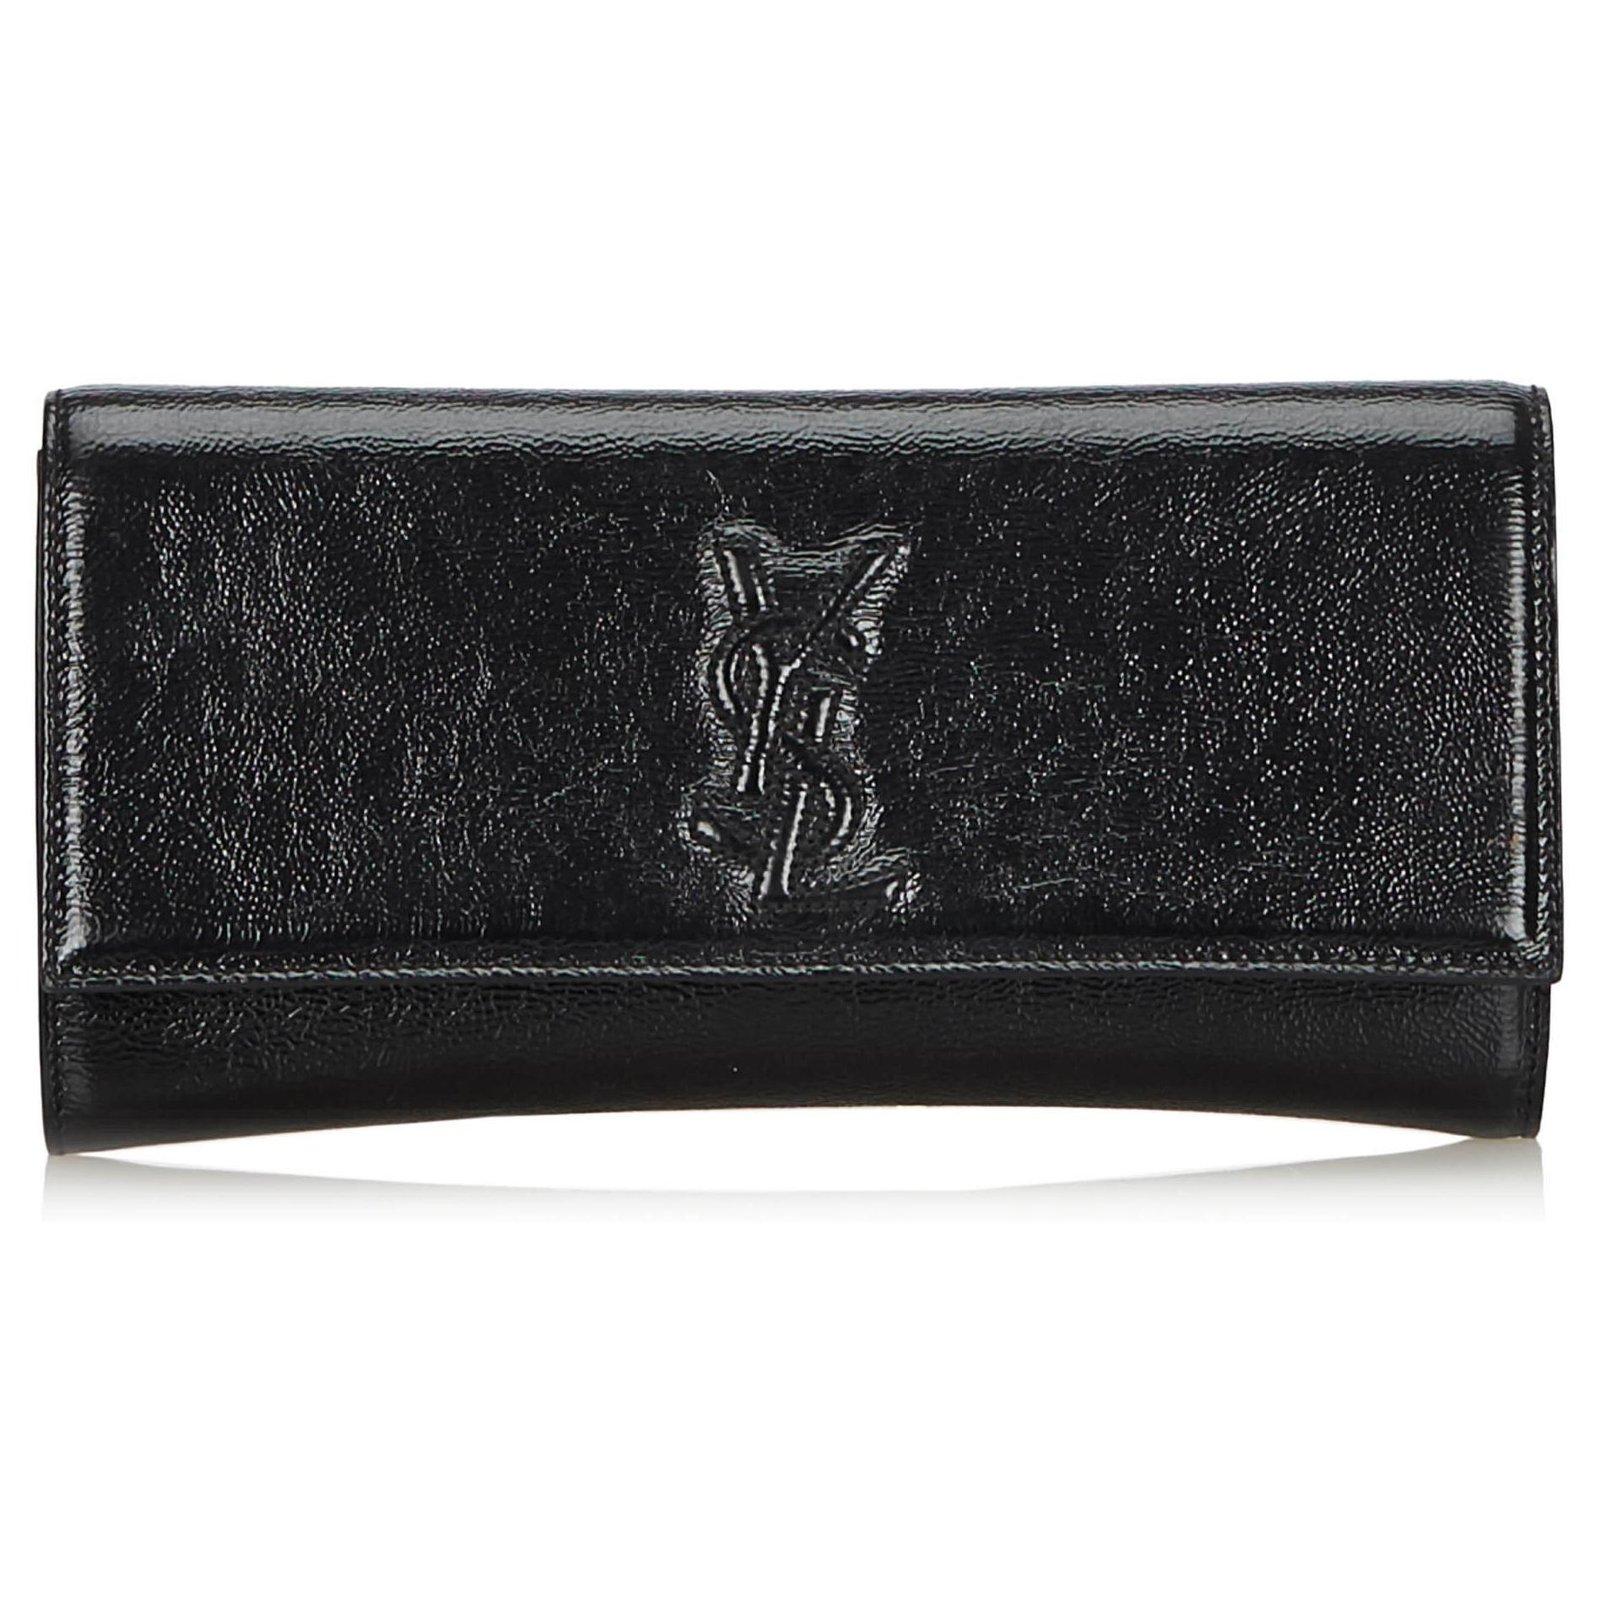 89d937e15f0 Yves Saint Laurent YSL Black Belle du Jour Patent Leather Clutch Bag Clutch  bags Leather,